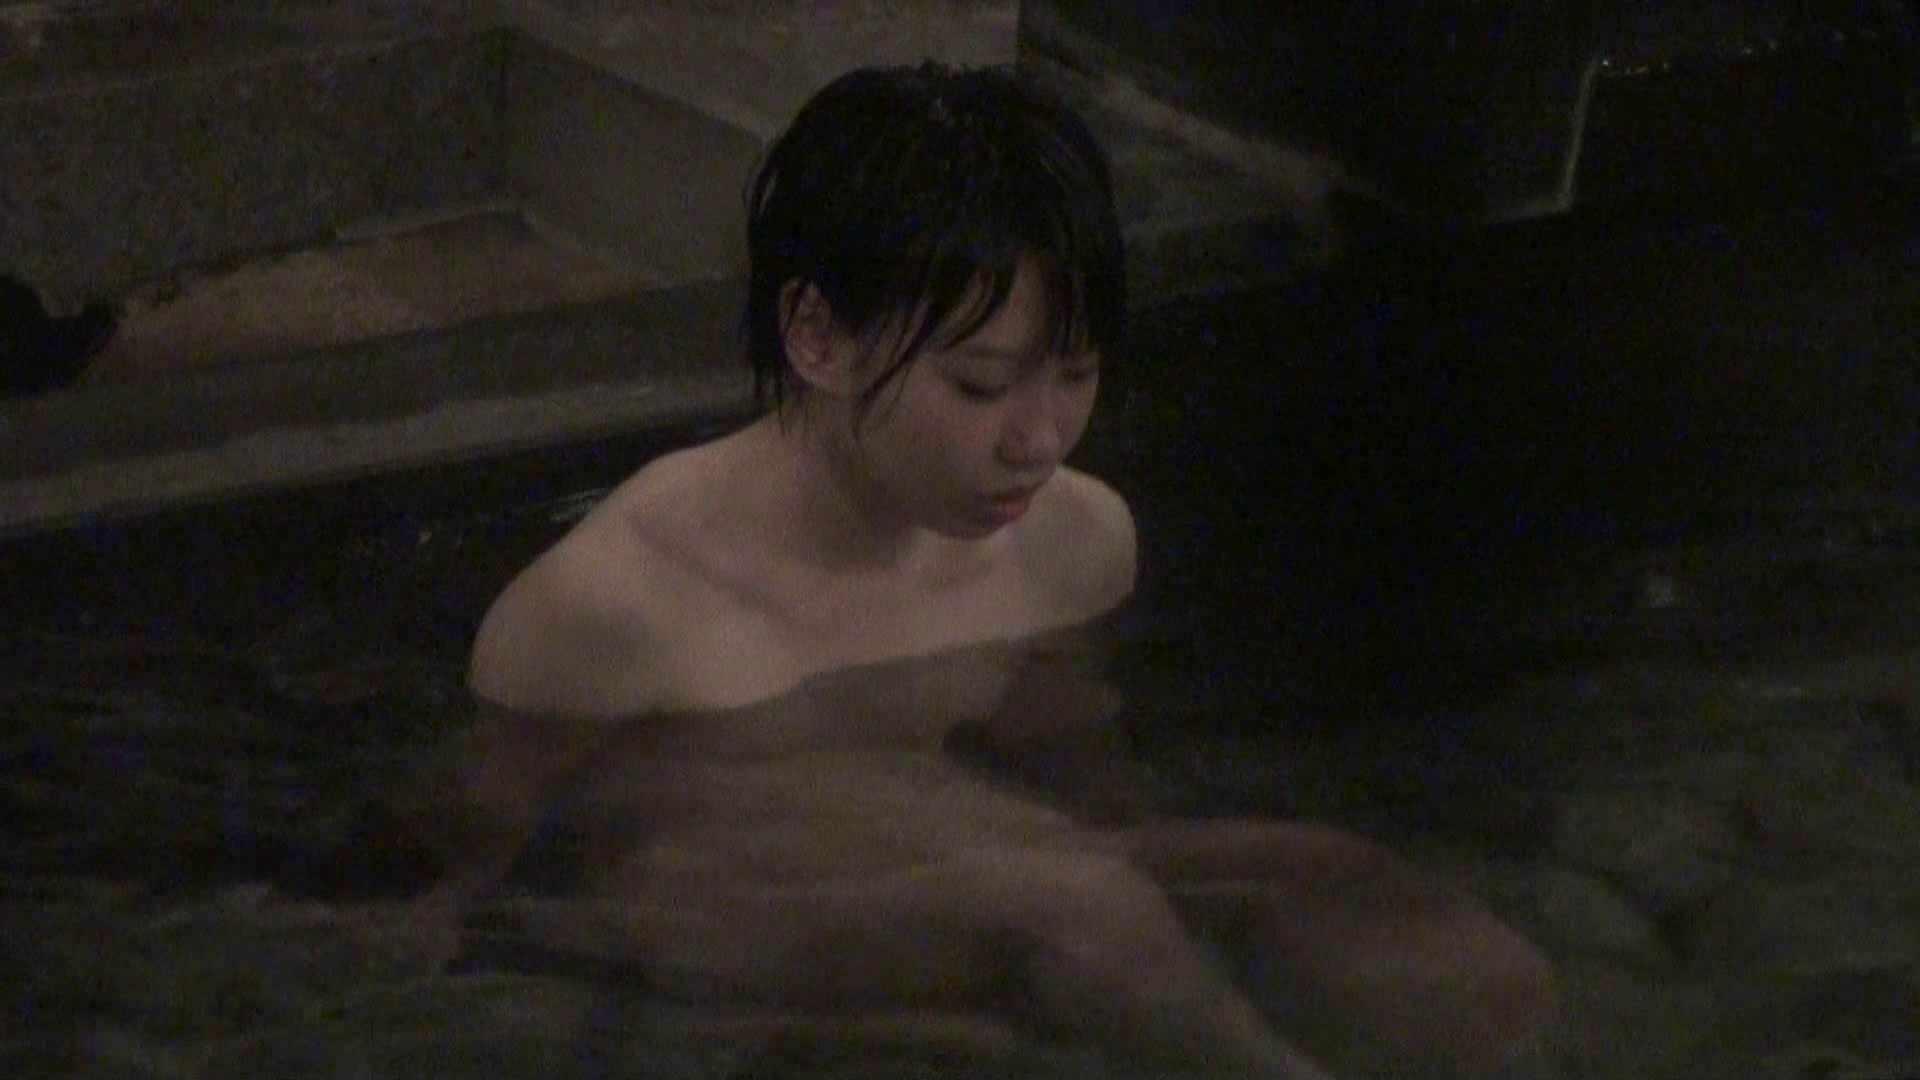 Aquaな露天風呂Vol.323 露天 | 盗撮特集  86画像 2